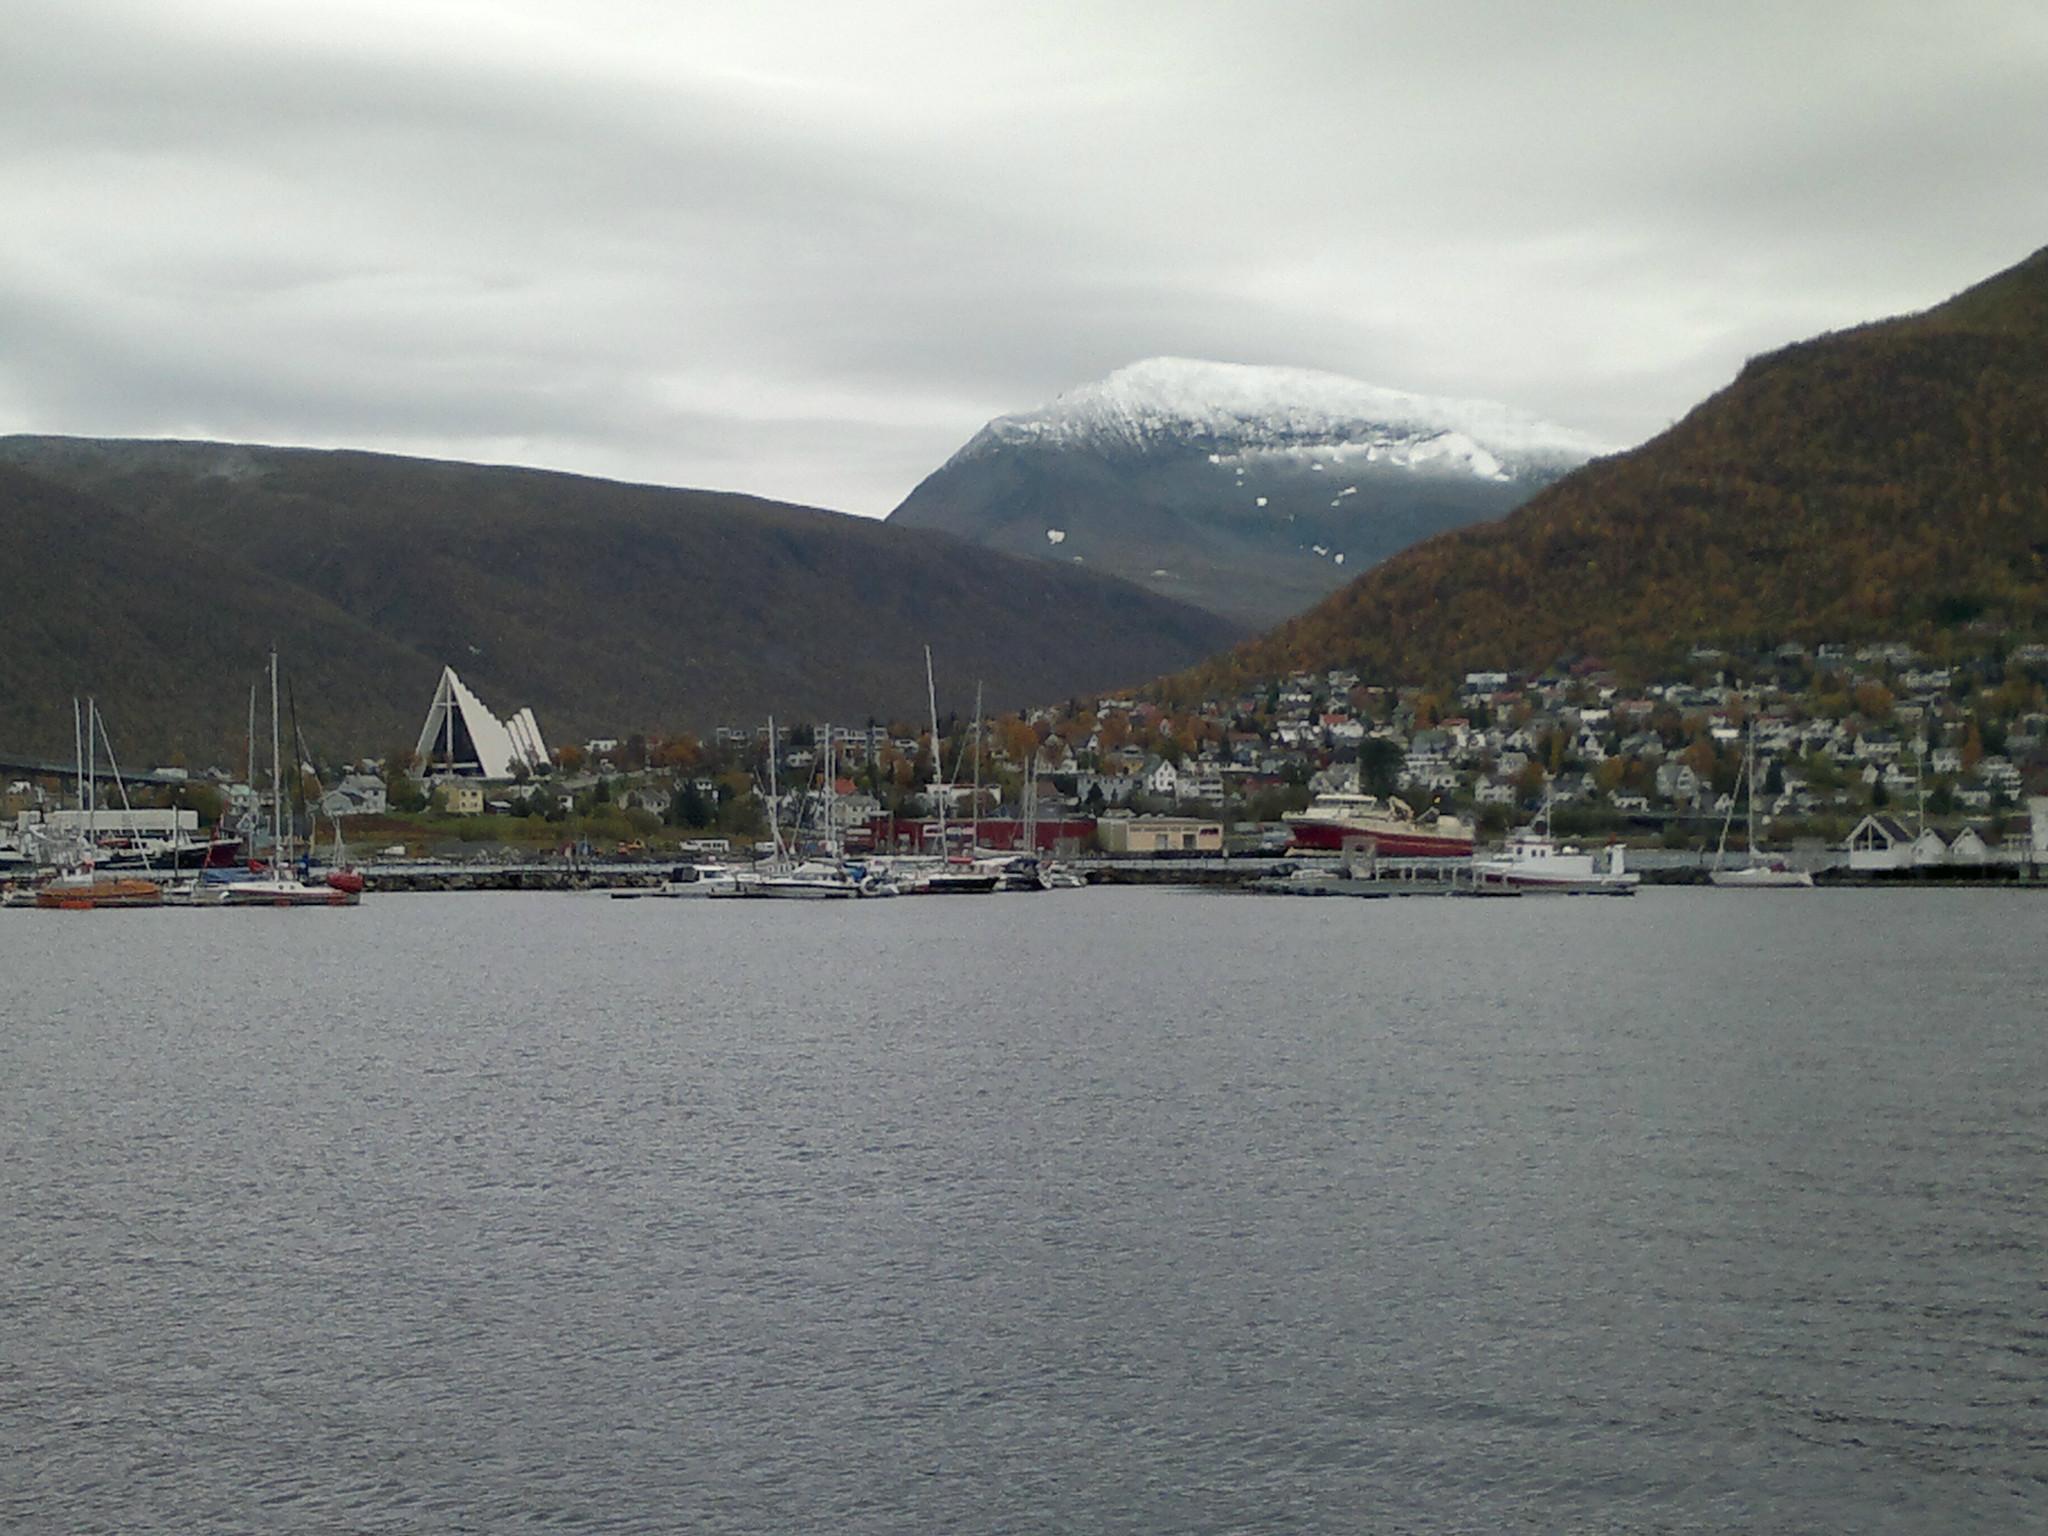 挪威---斯瓦尔巴群岛(北纬79度):深度自游行(4)斯瓦尔巴群岛